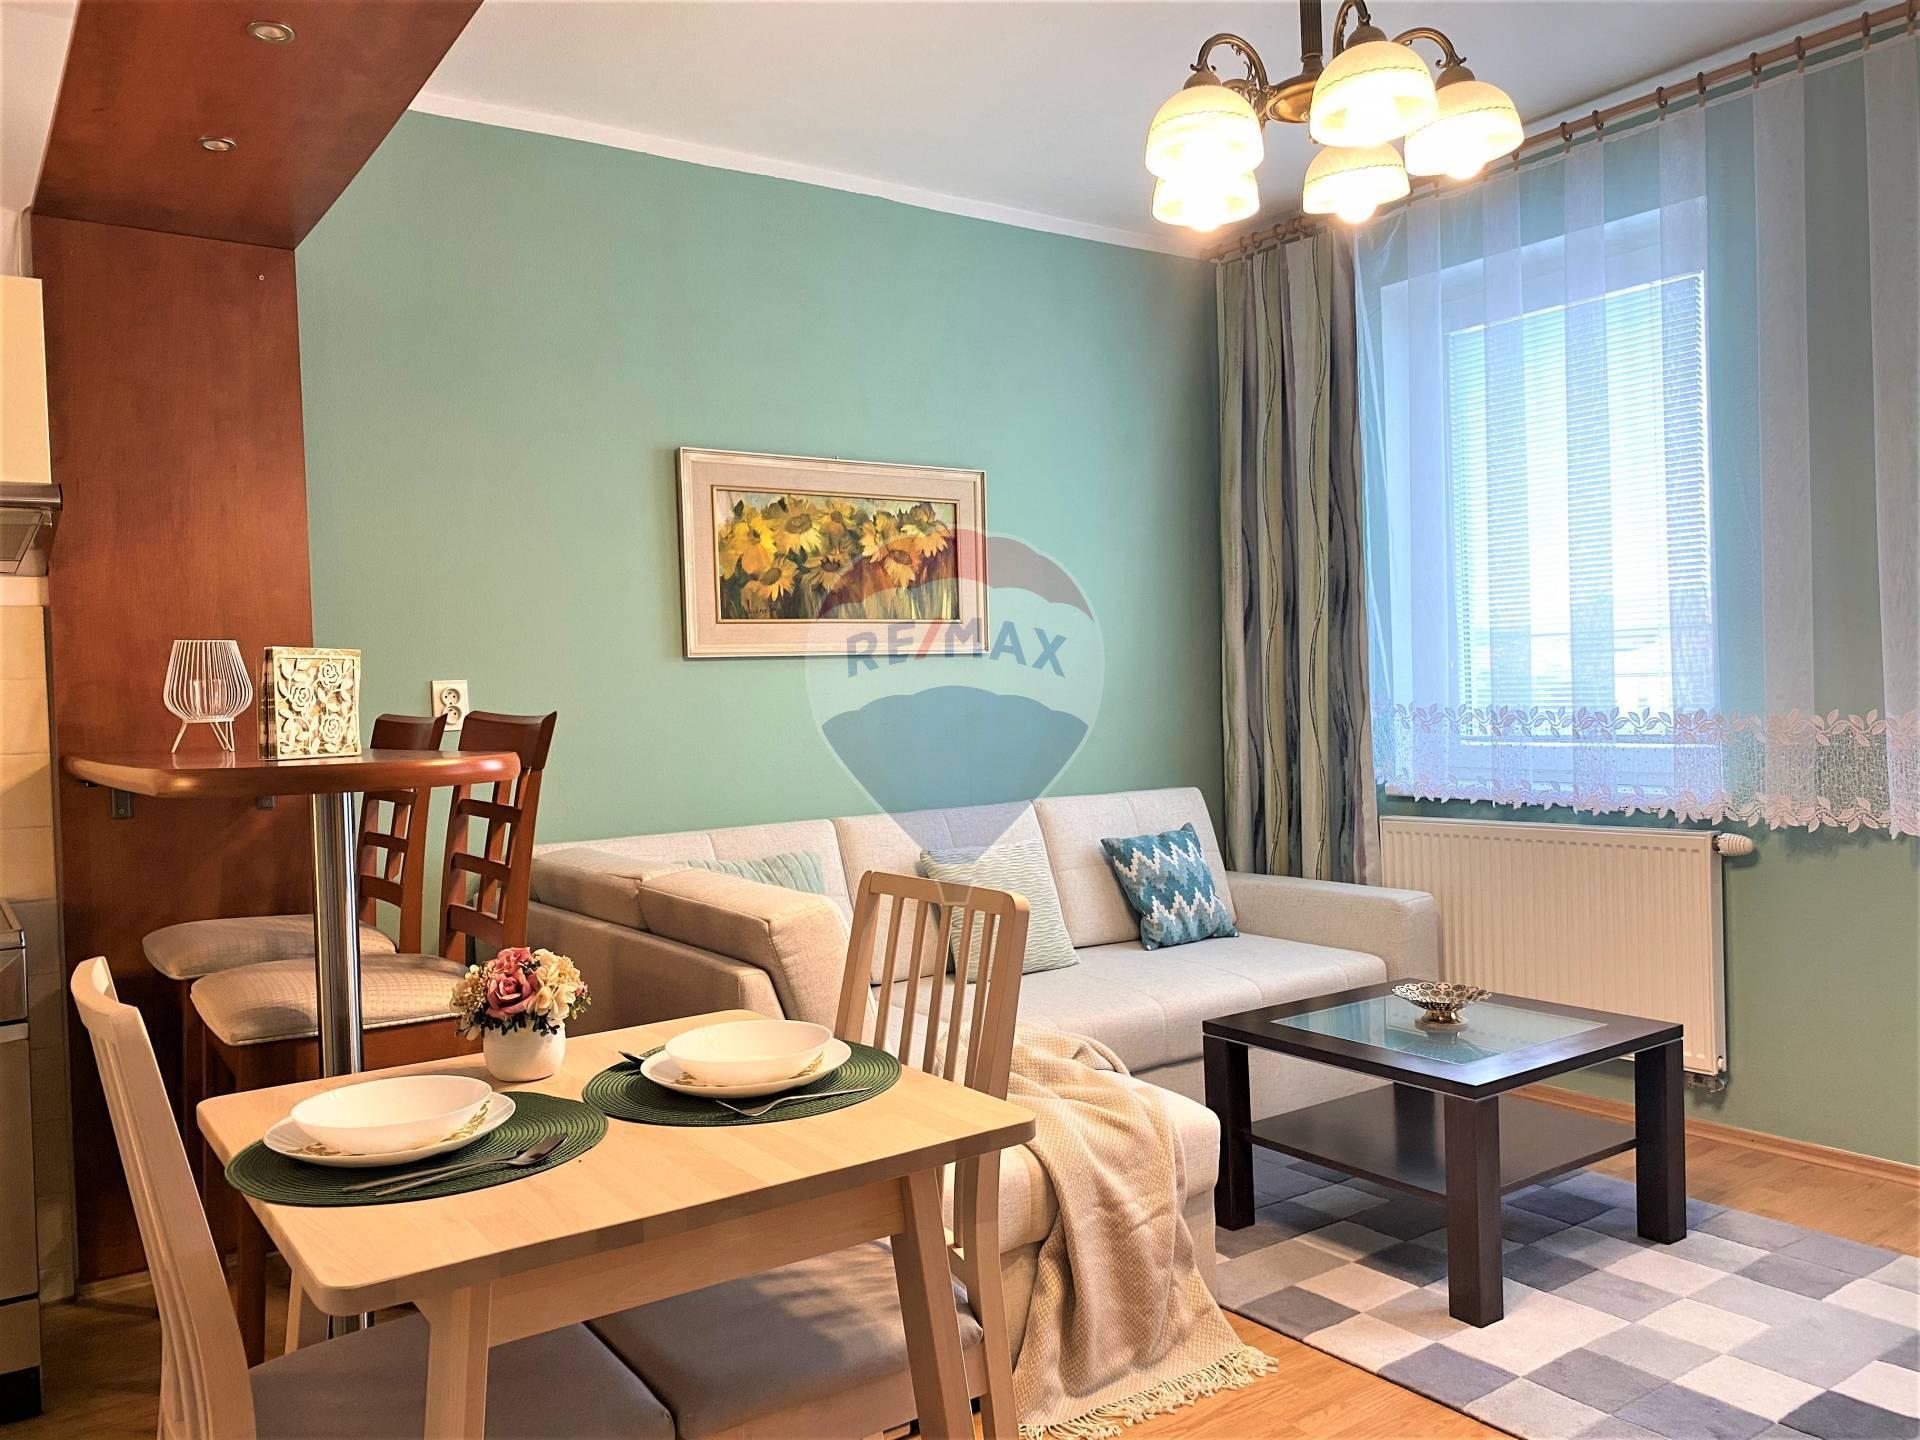 Predaj 1 izb. bytu v Senci, Pezinská ul. + parkovacie státie